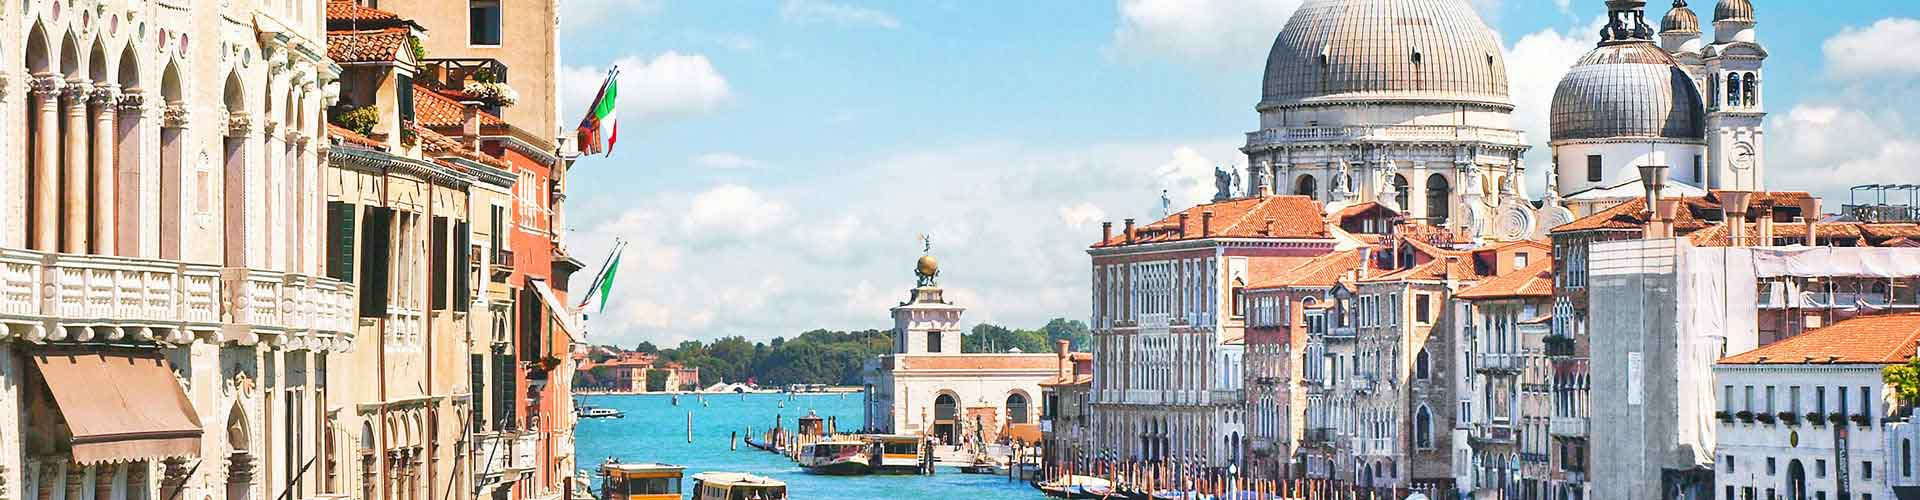 Venise - Chambres près de Gare de Venezia Mestre. Cartes pour Venise, photos et commentaires pour chaque chambre à Venise.